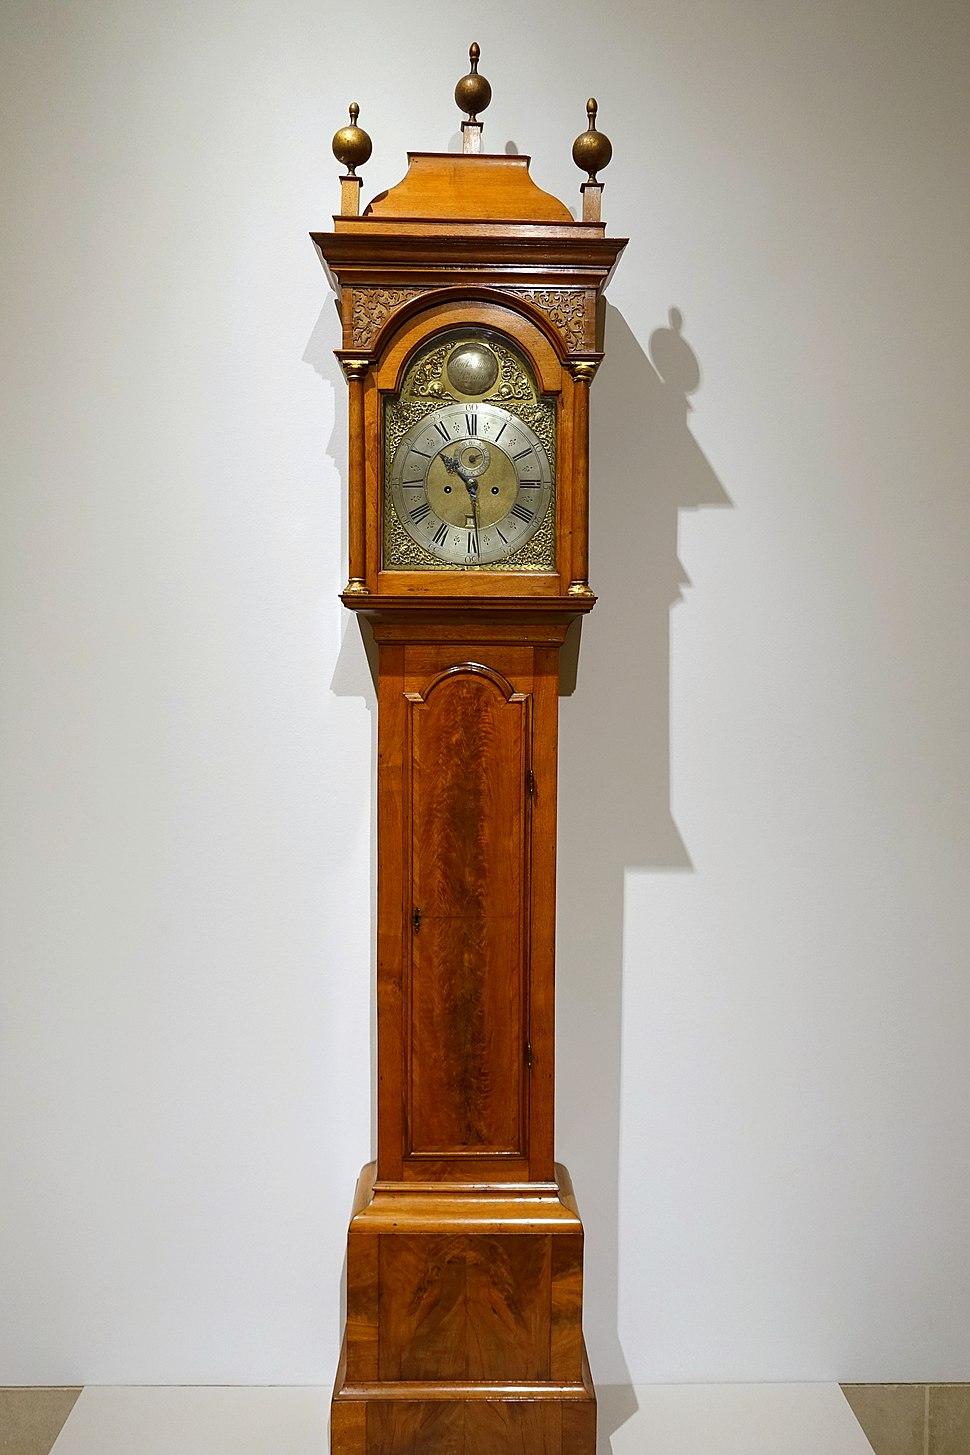 Tall case clock, Benjamin Bagnall, Sr., Boston, Massachusetts, 1730-1745, walnut, maple, beech, cedar, brass, glass, paint - Dallas Museum of Art - DSC04743